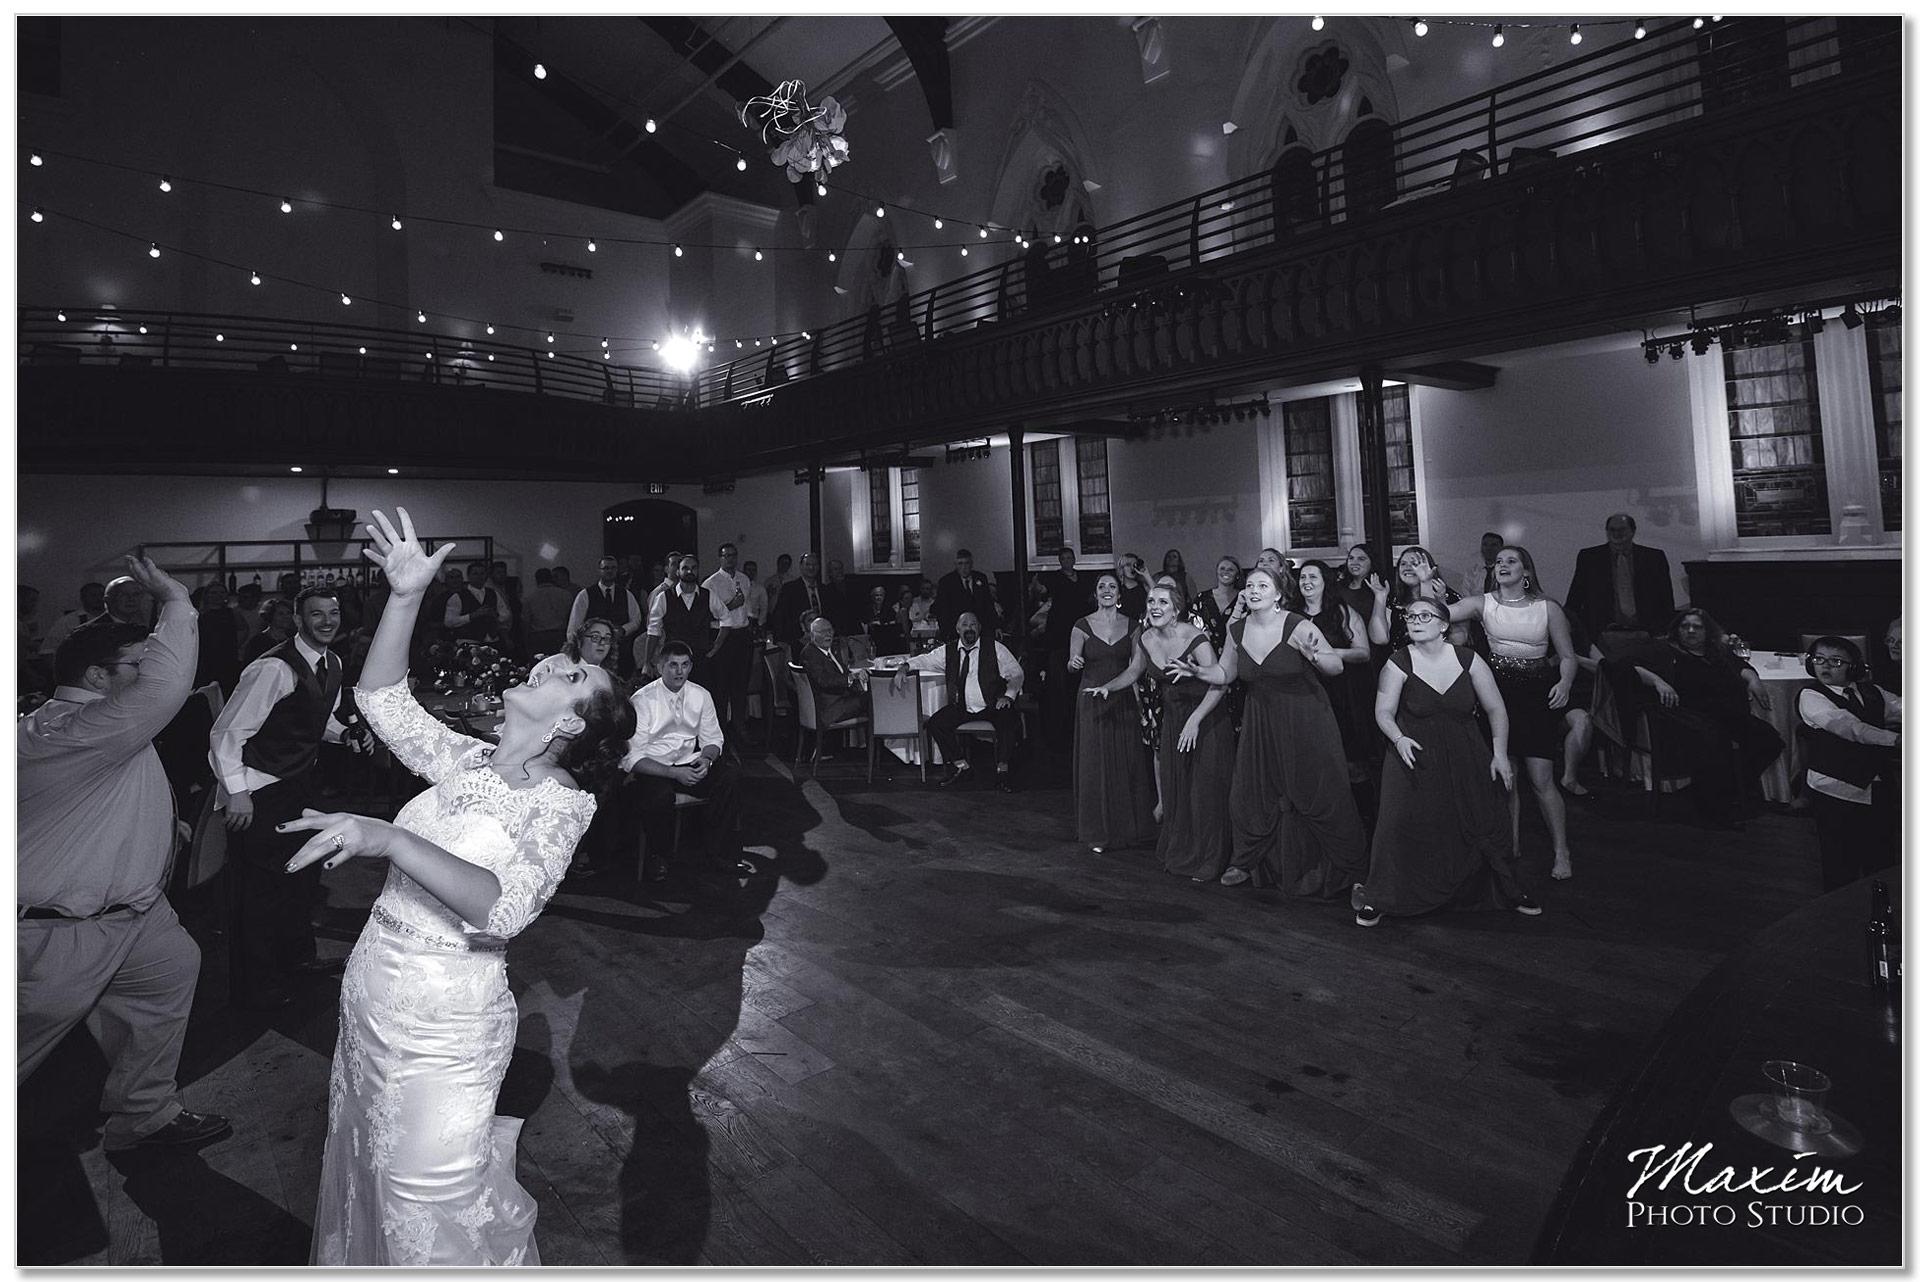 The transept Wedding reception bouquet toss